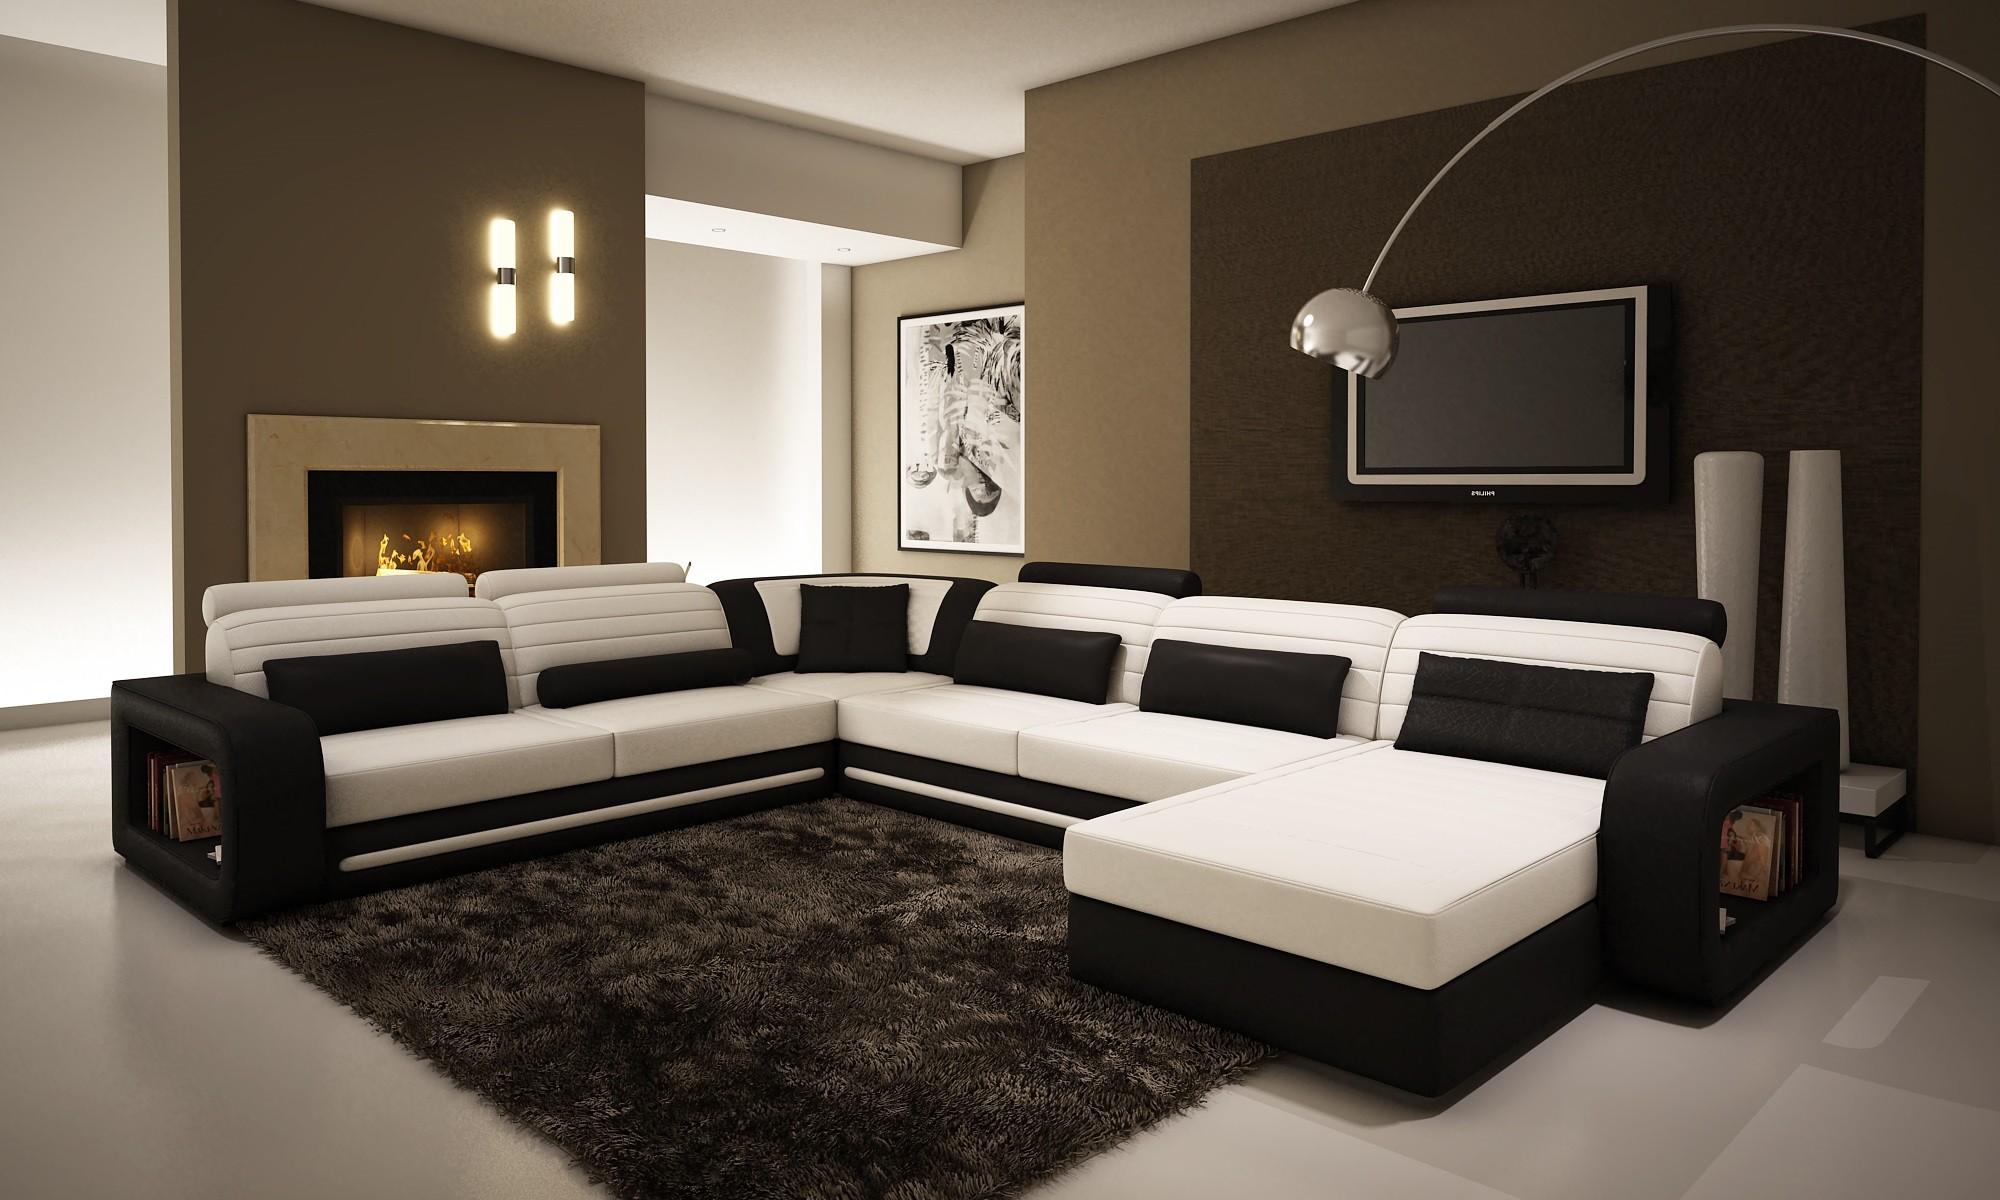 Умопомрачительный мягкий угловой диван в интерьере